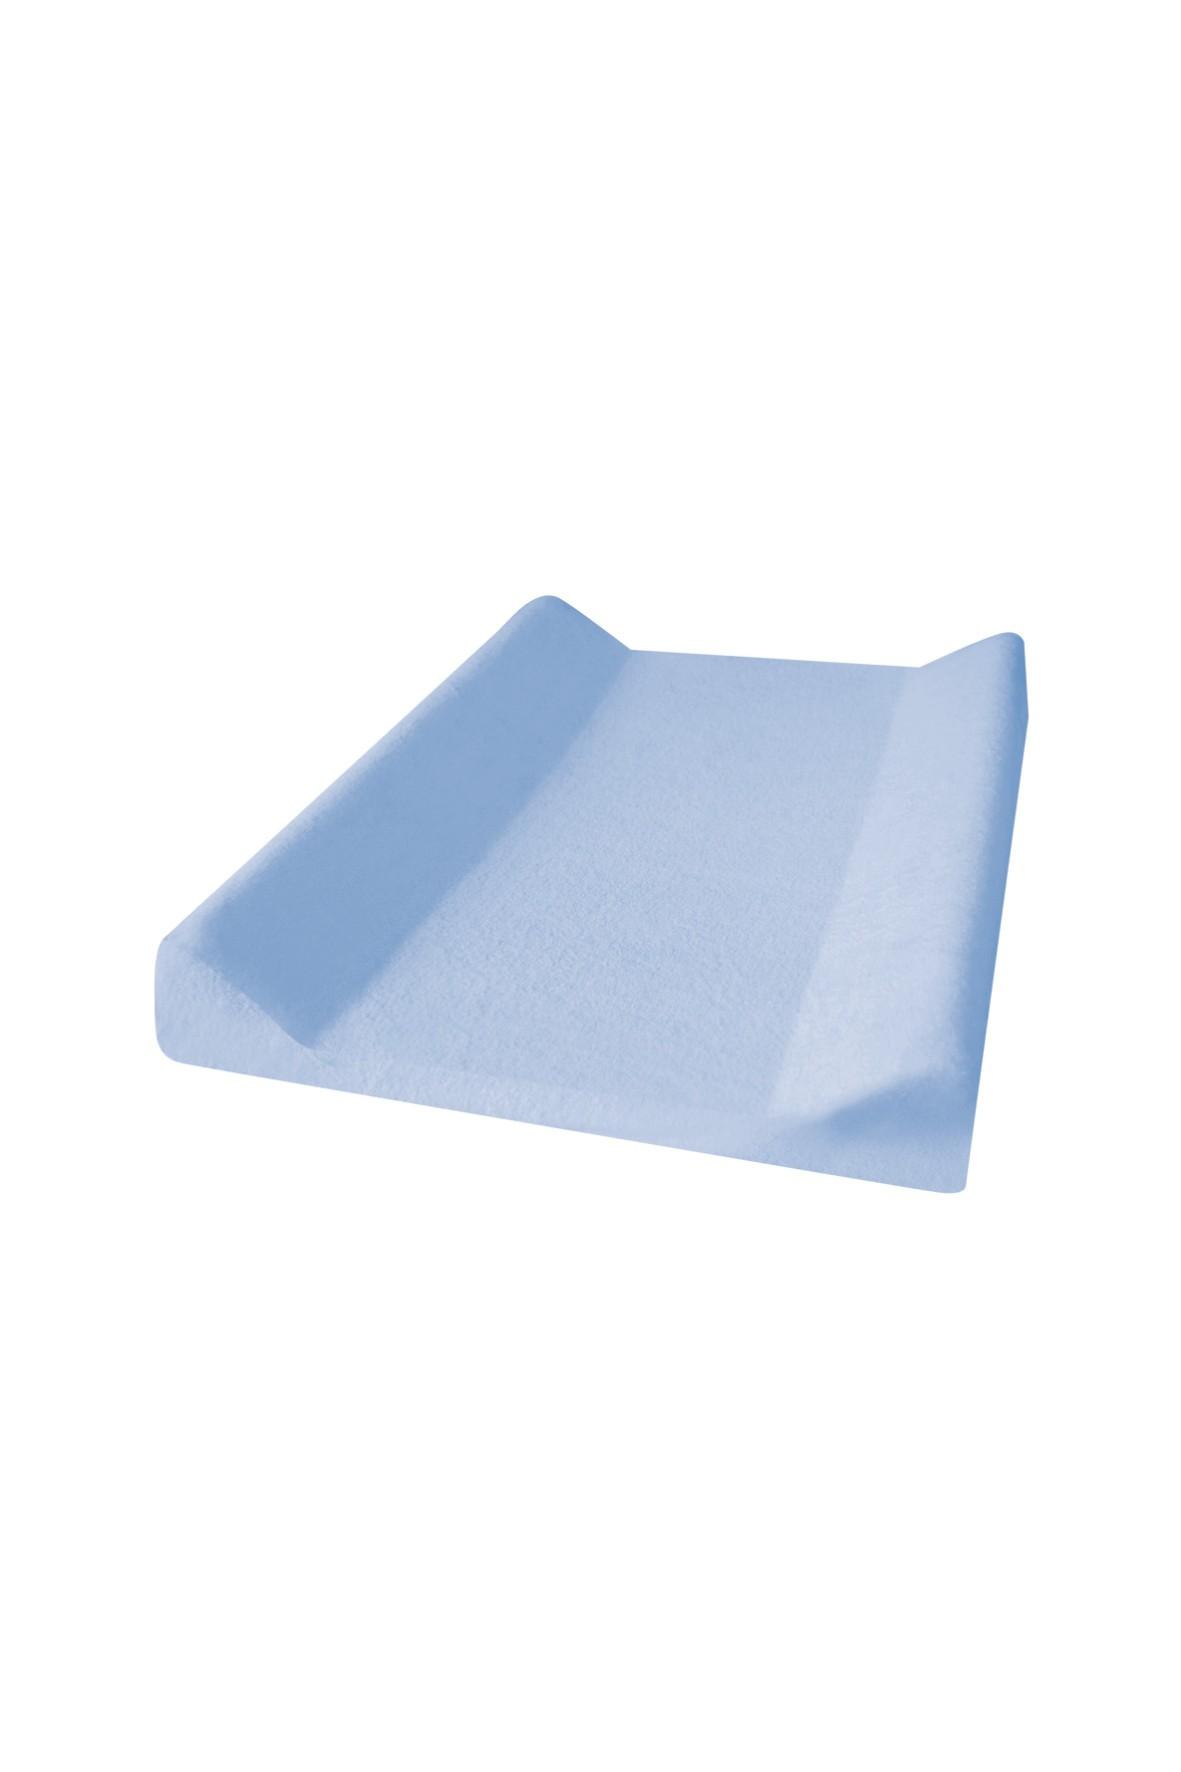 Bawełniany pokrowiec na przewijak- niebieski 50/60x70/80cm